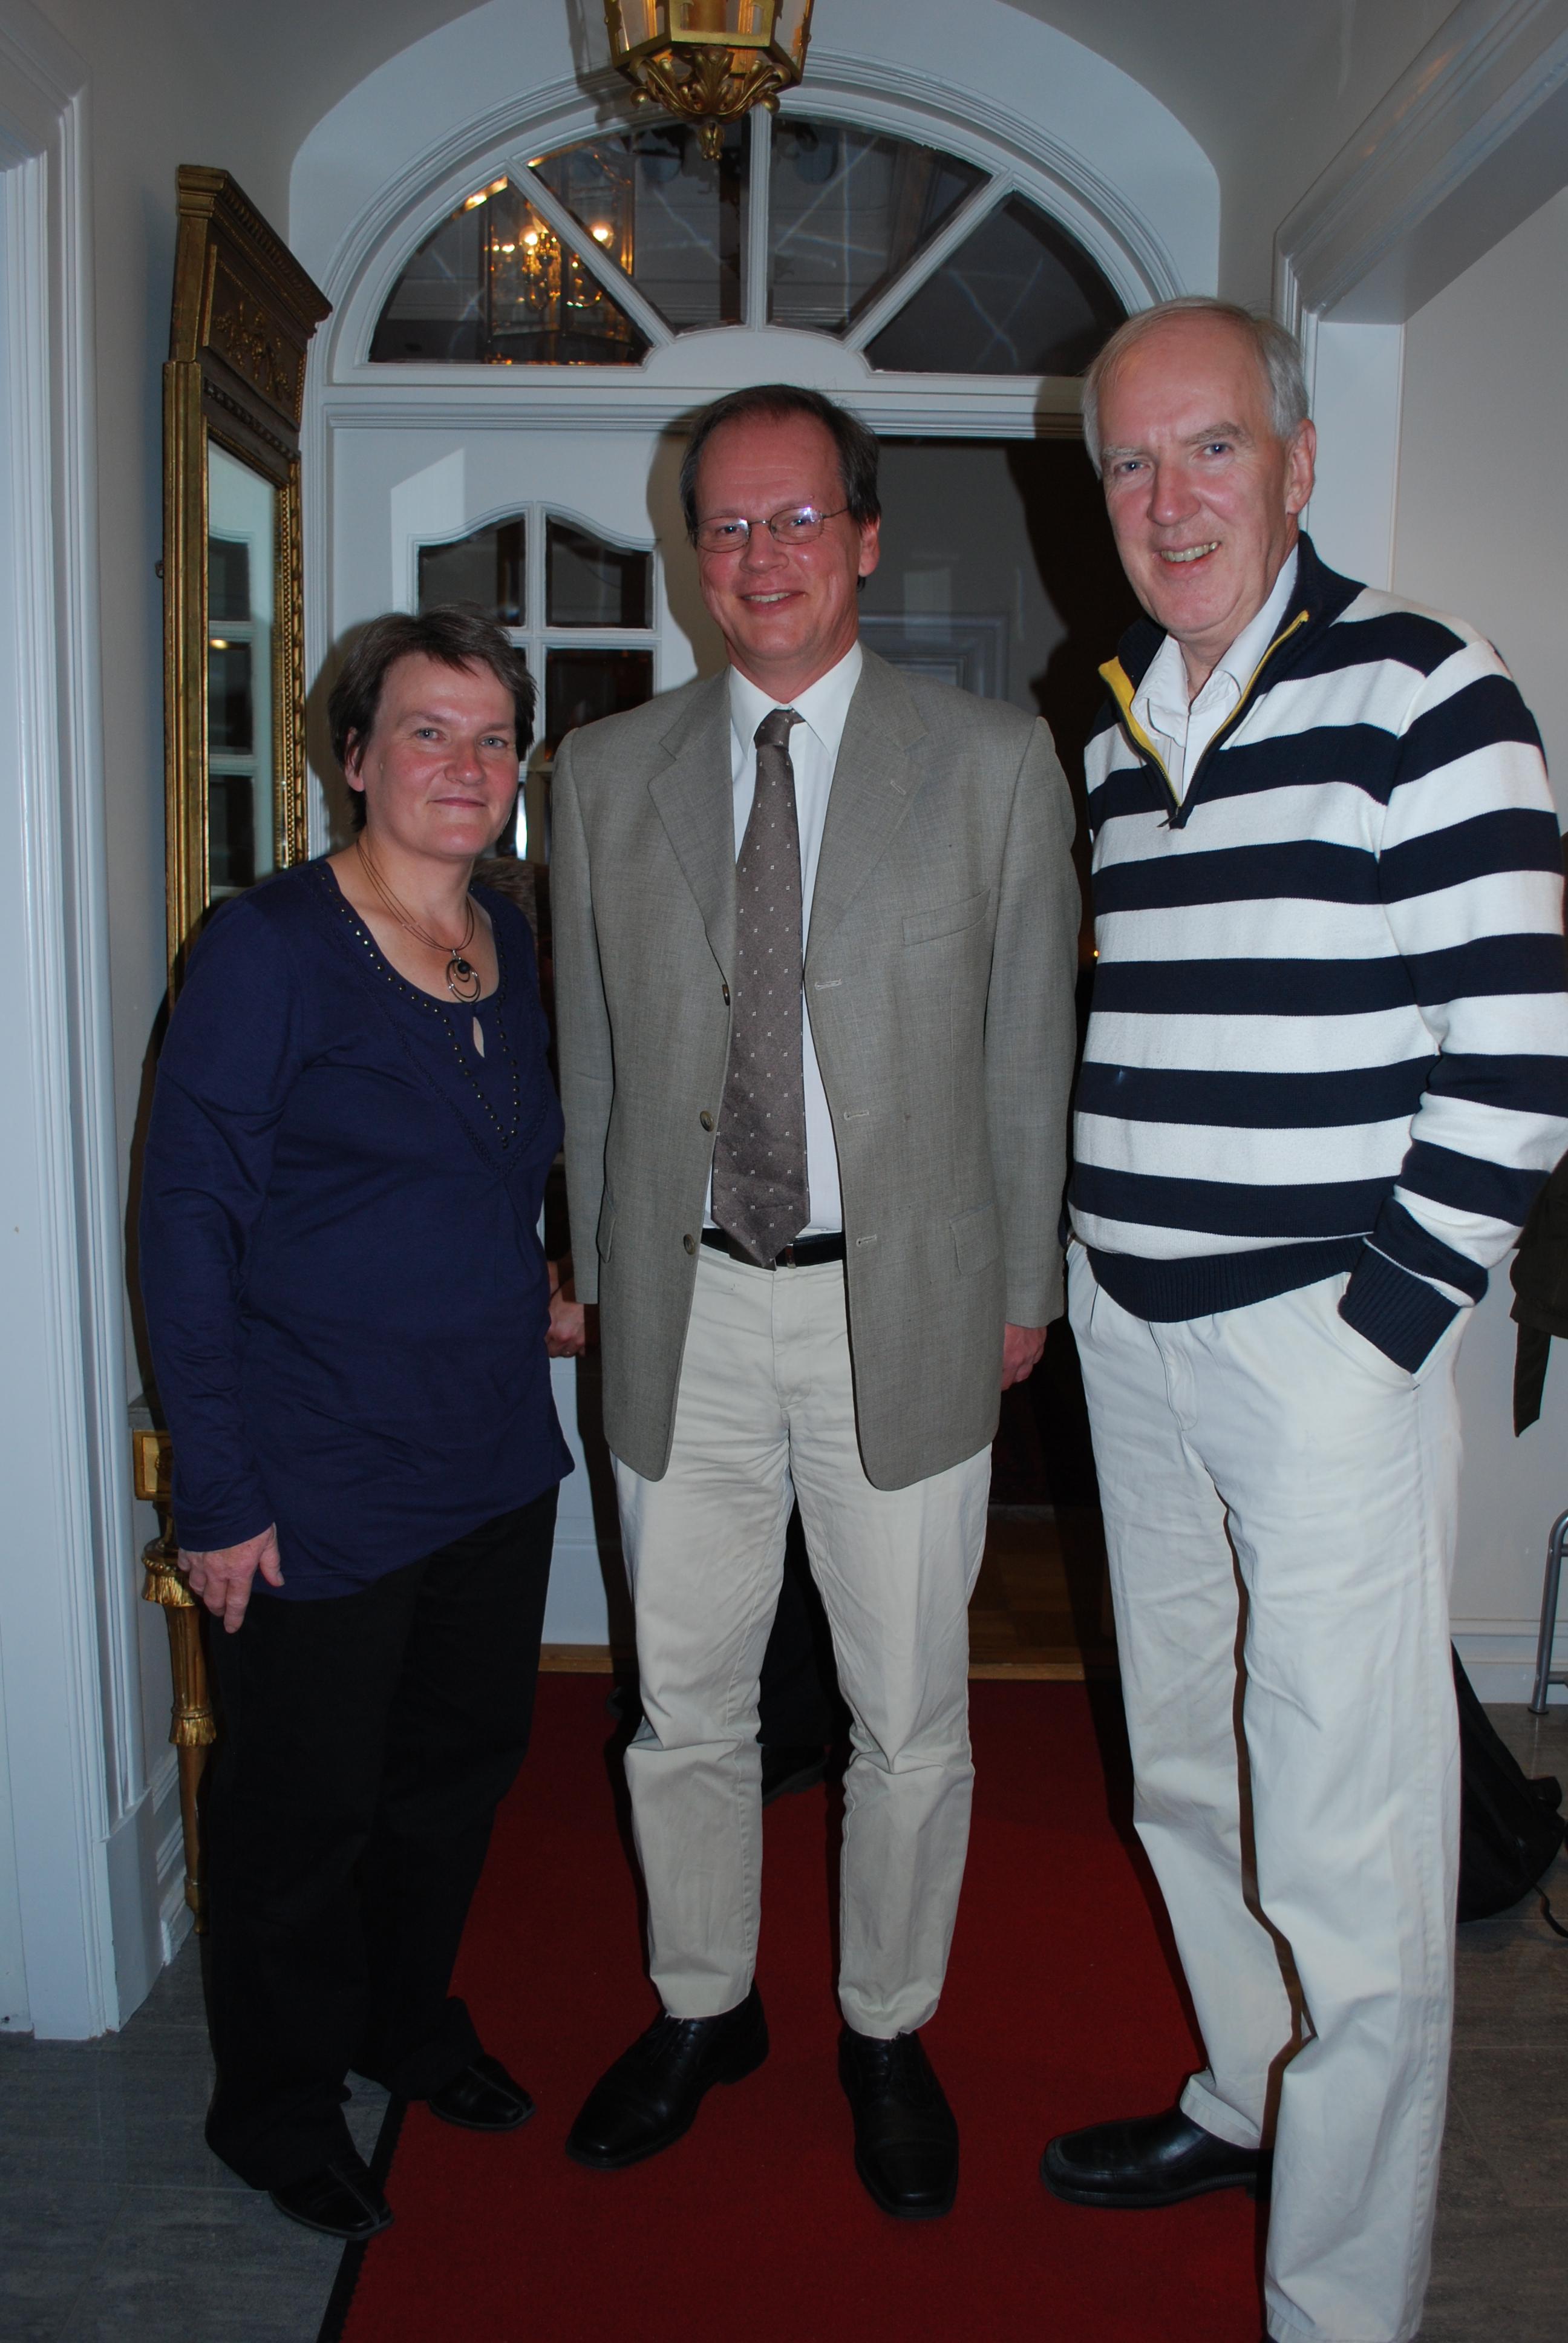 Icke okände manhemiten Björn Andersson var coach och delegationsledare för den svenska truppen. Här vid mottagning på svenska ambassaden i sällskap med ambassadören Anders Ljunggren (t.h.).